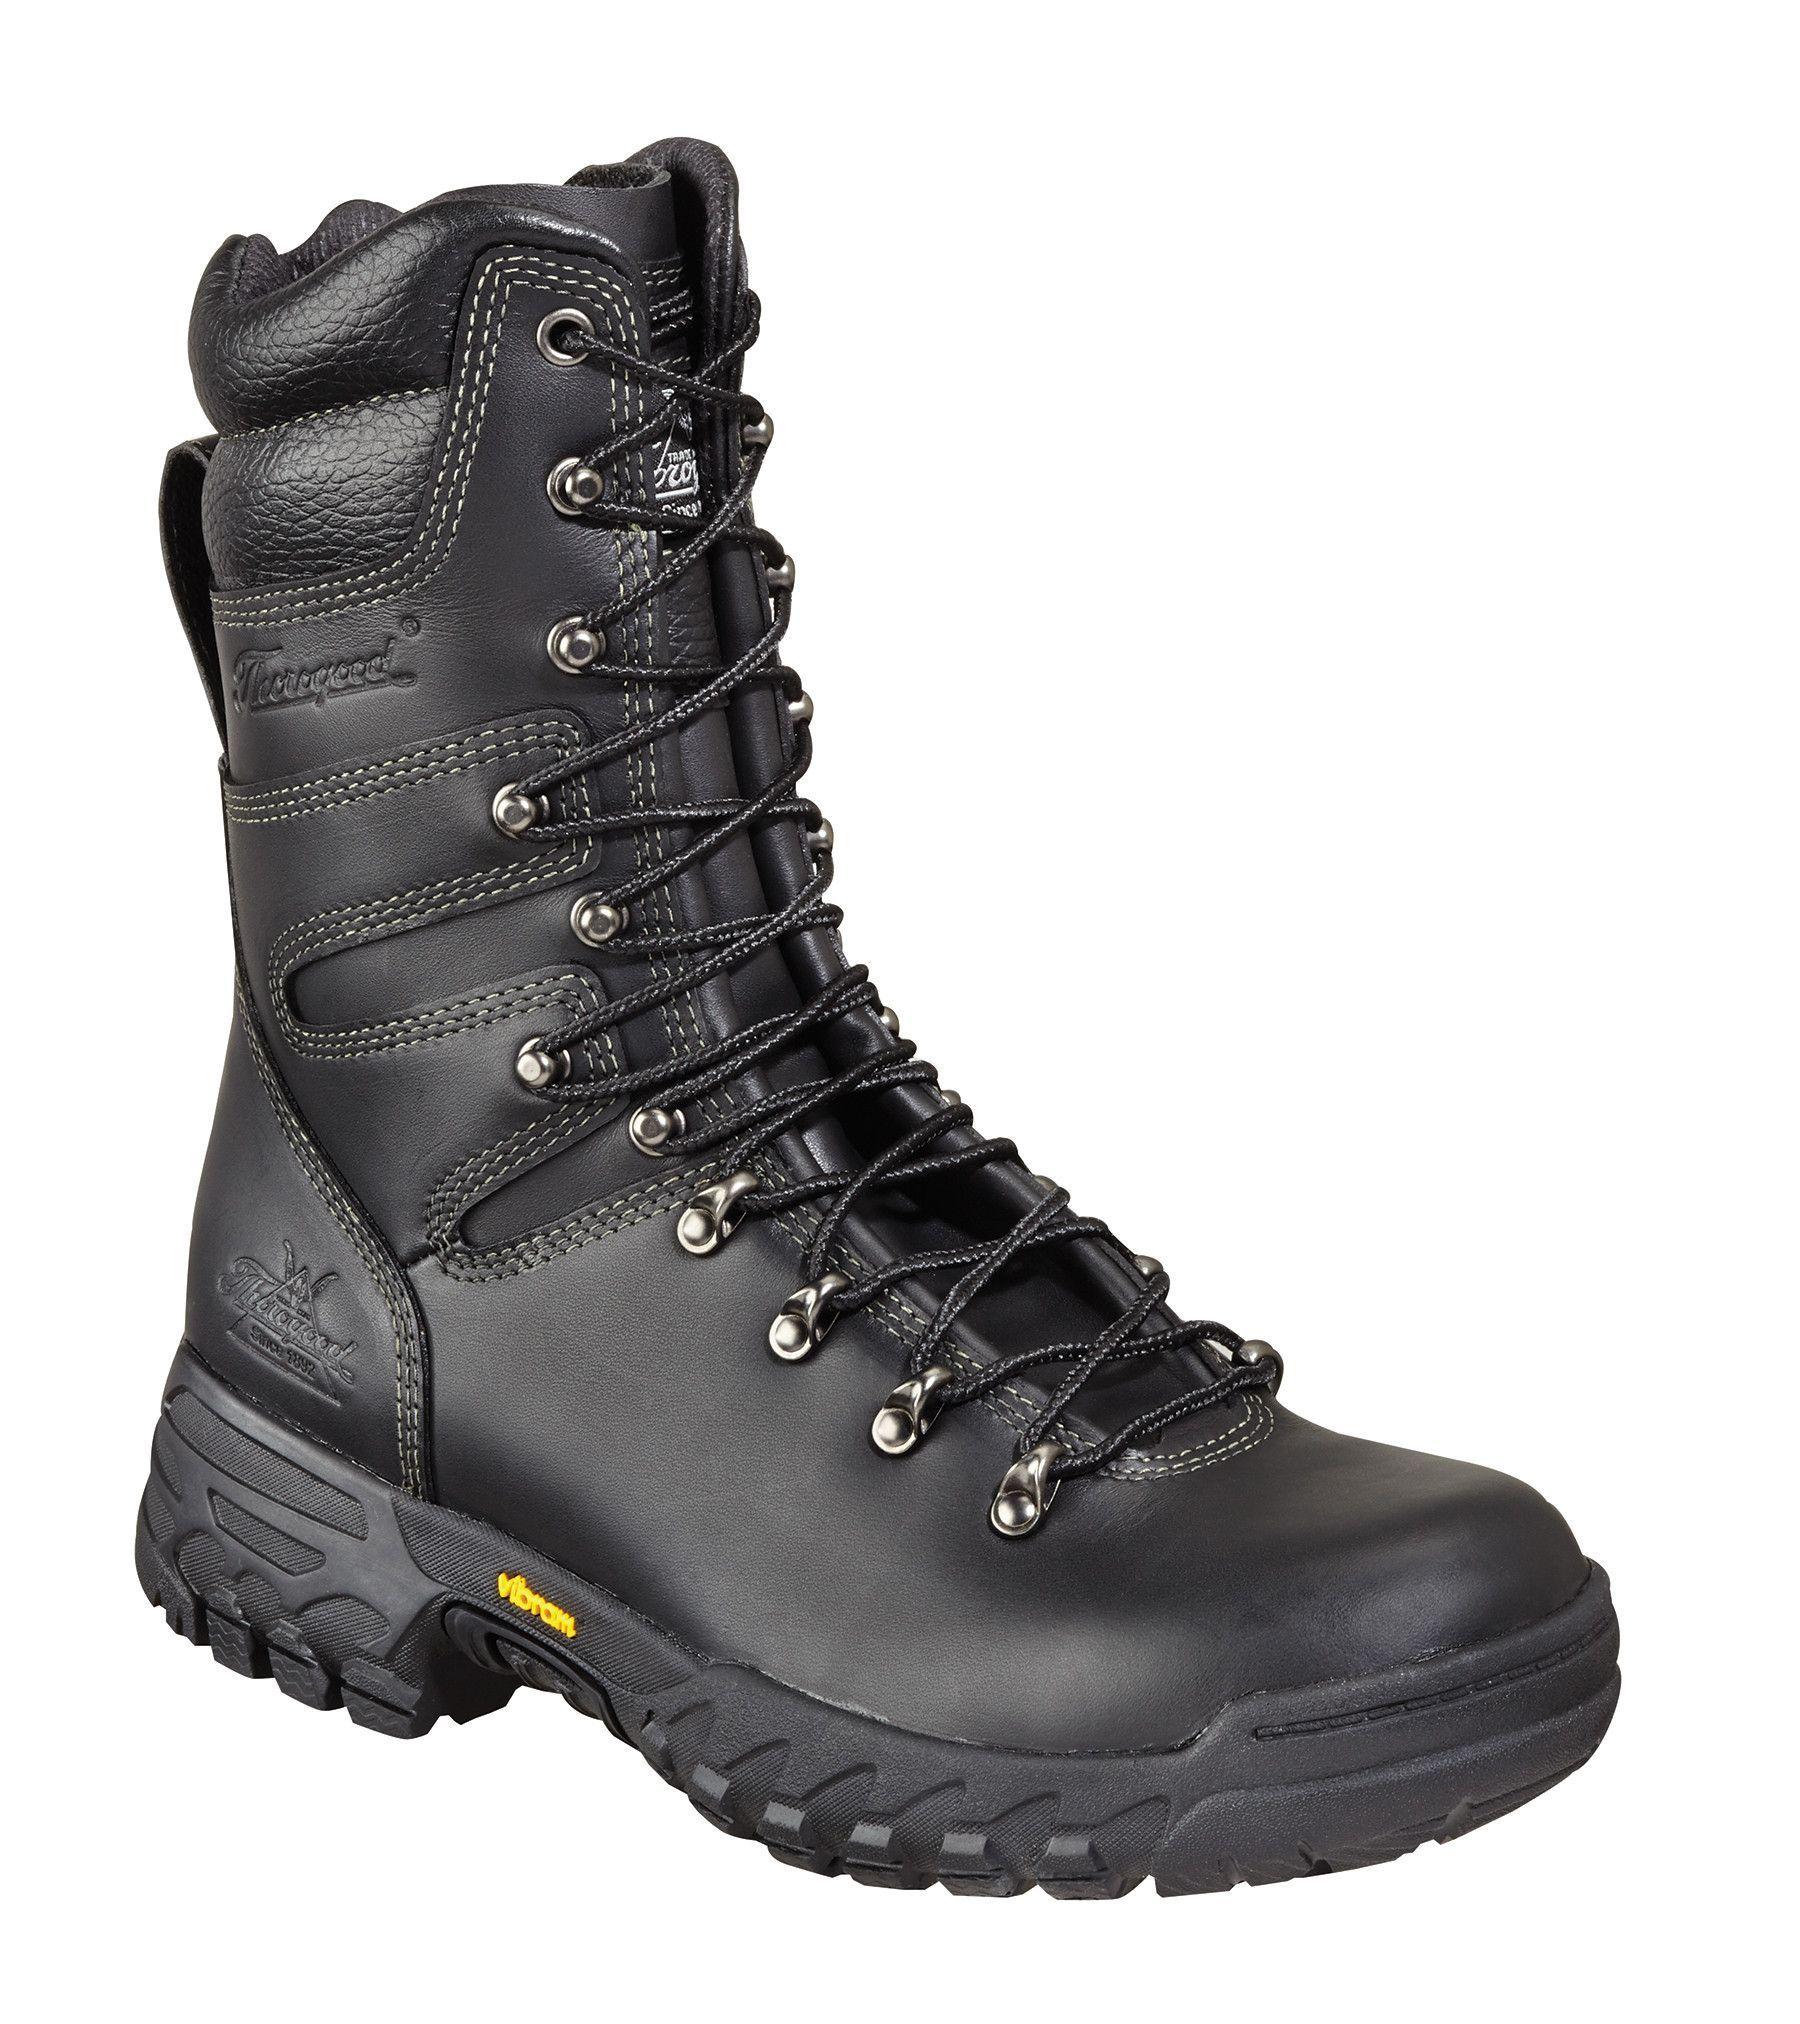 Botas de avestruz color gris ropa bolsas y calzado en mercadolibre - Explora Botas De Trabajo Para Los Hombres Y Mucho M S